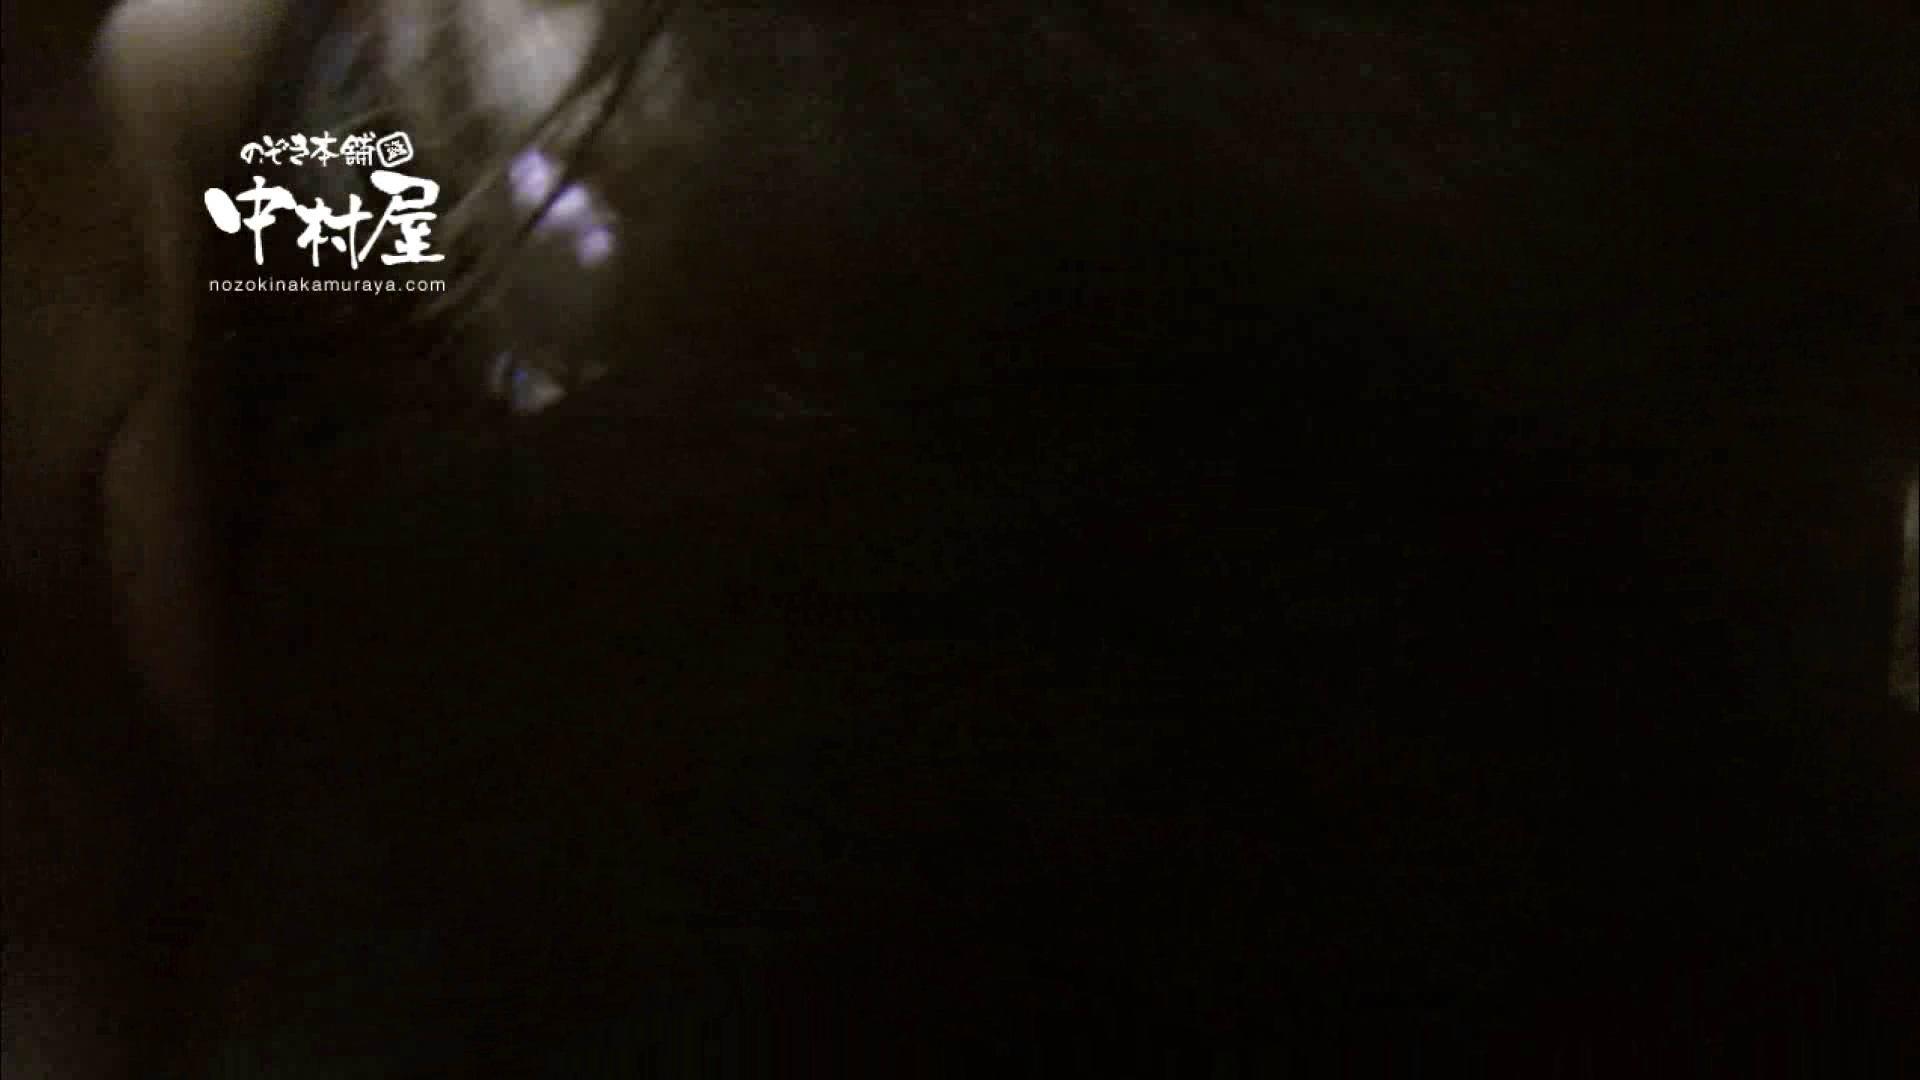 鬼畜 vol.11 下の口は正直なオンナ 後編 OLセックス | 鬼畜  79画像 35